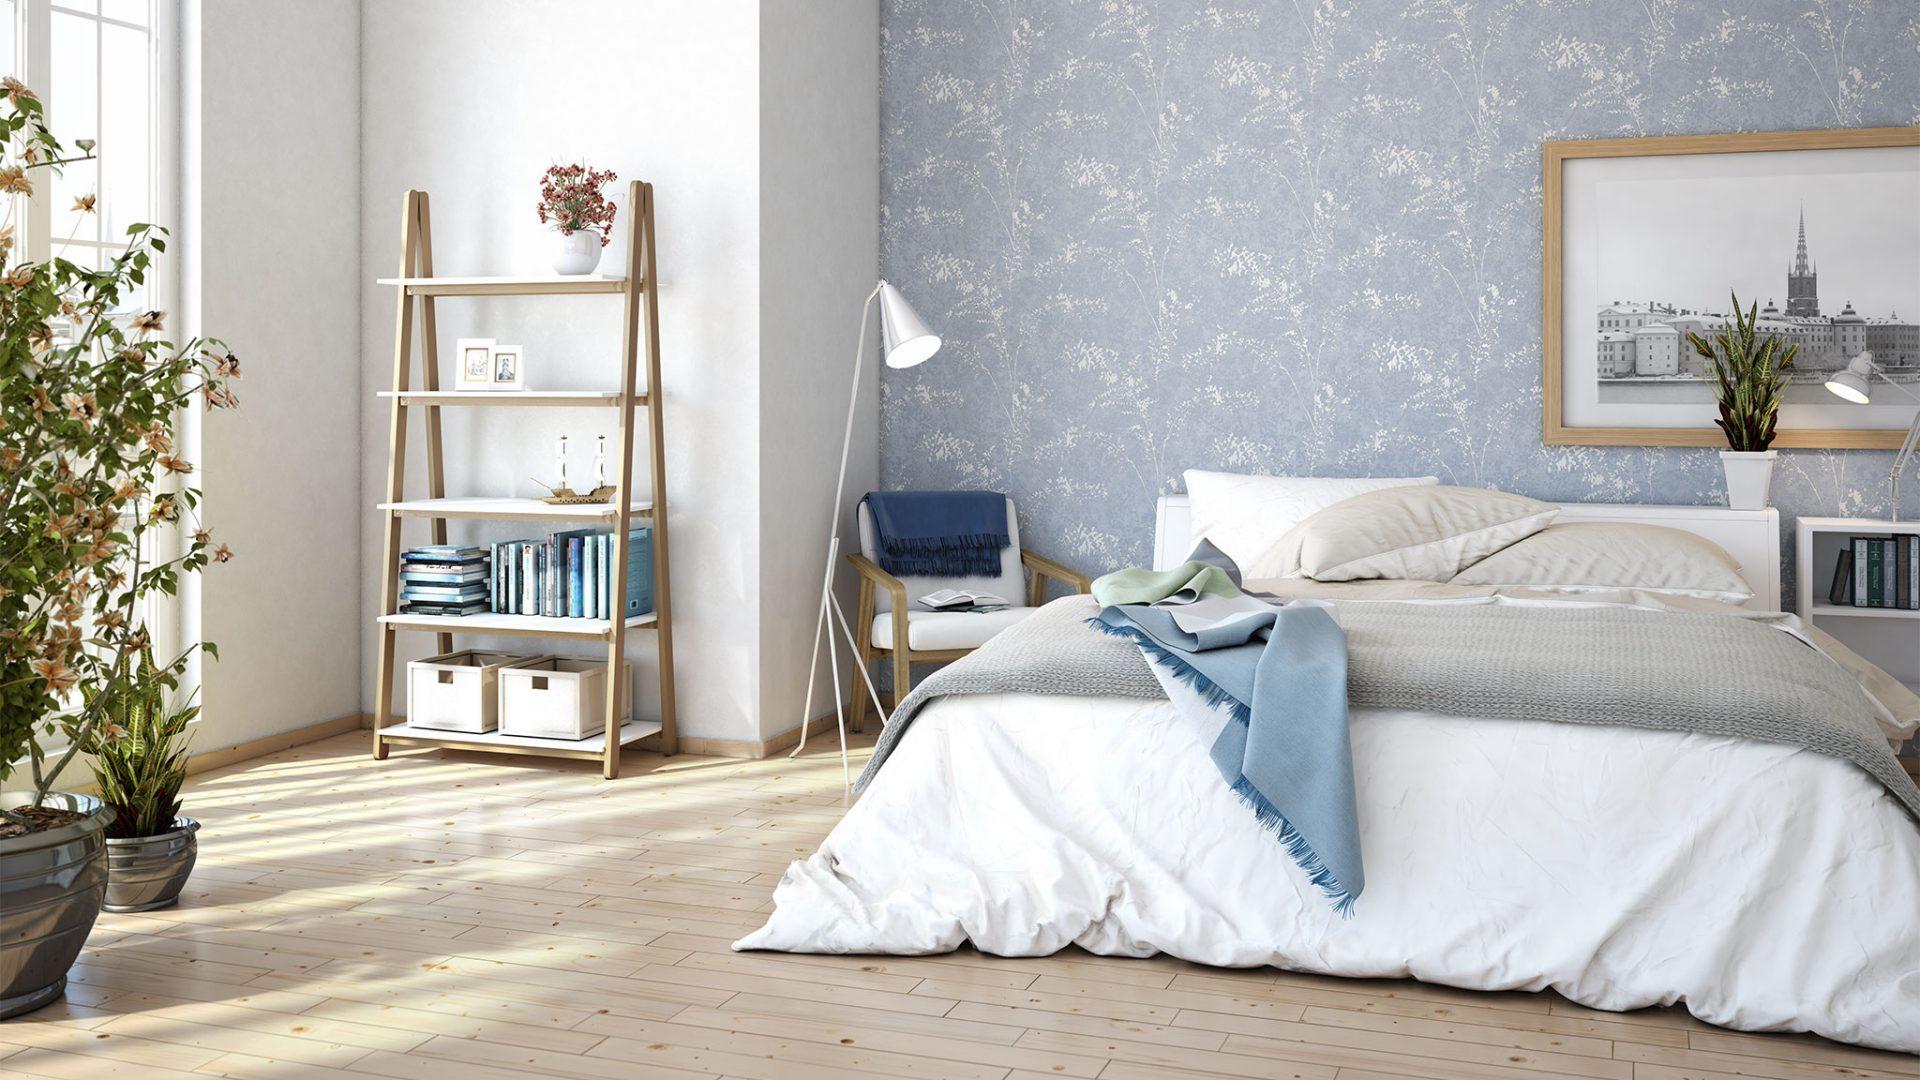 Interior 3D-Milieu/Rendering eines modernen Schlafzimmers mit Doppelbett vor hellblauer Rasch Tapete